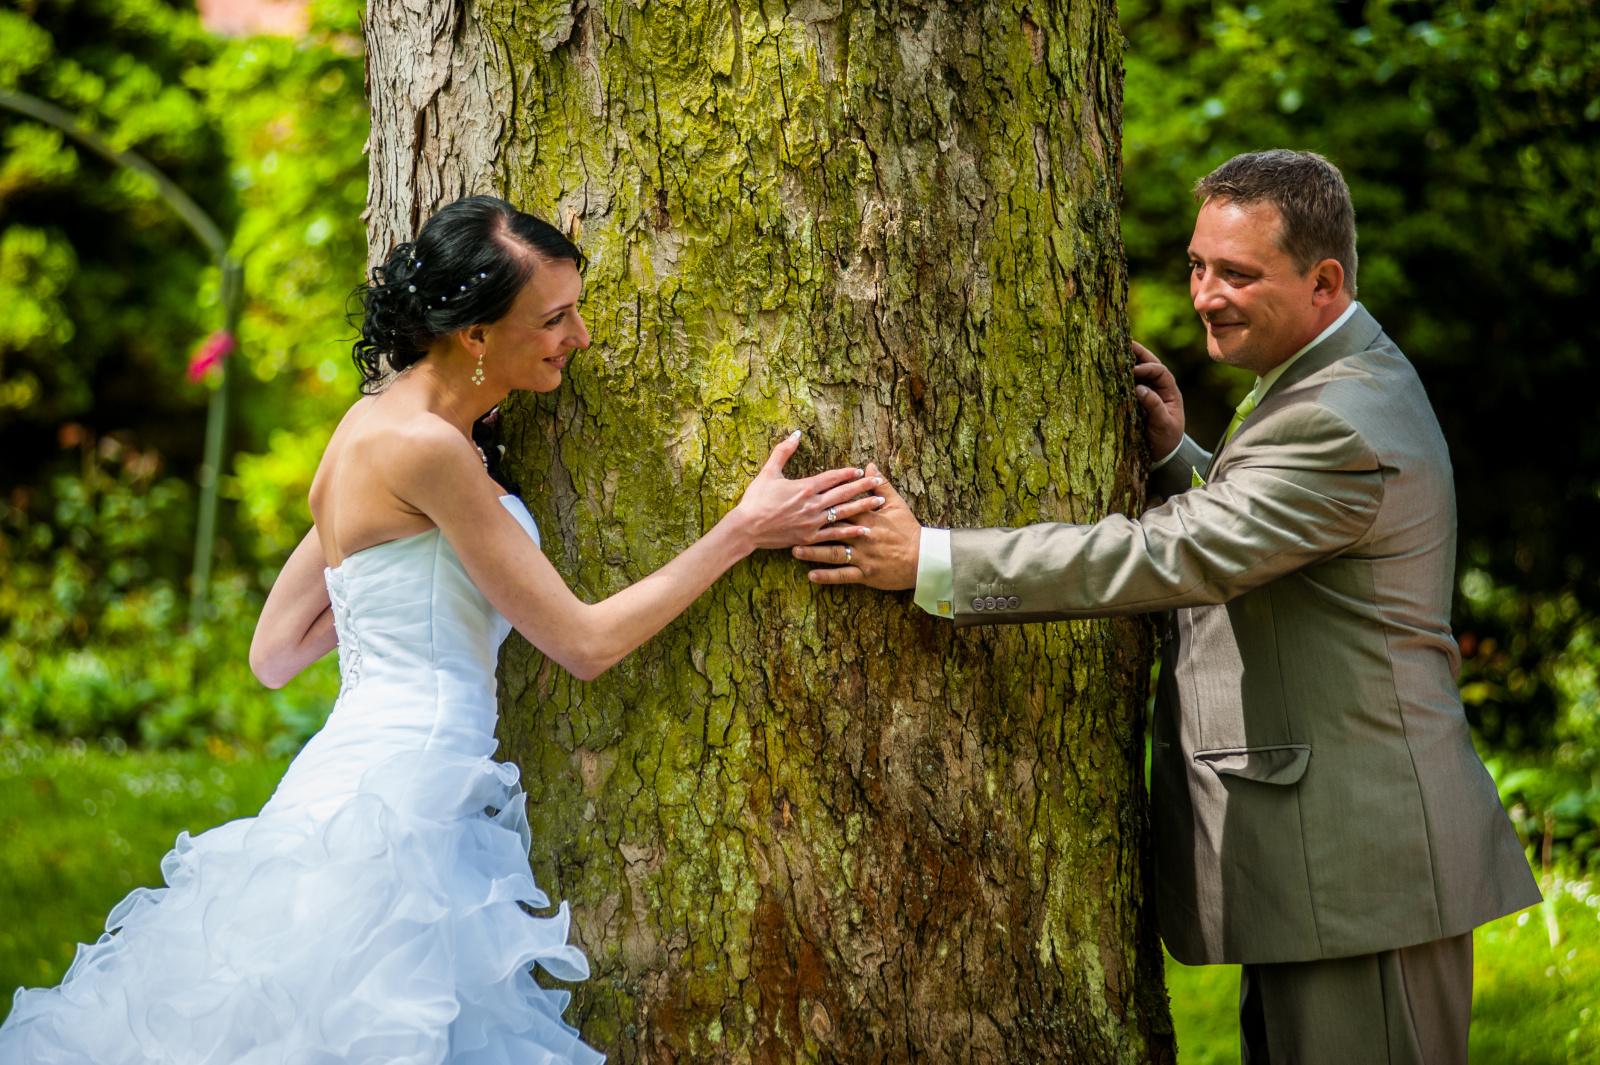 Vzpomínka na svatební focení, aneb fotokniha plná krásných okamžiků